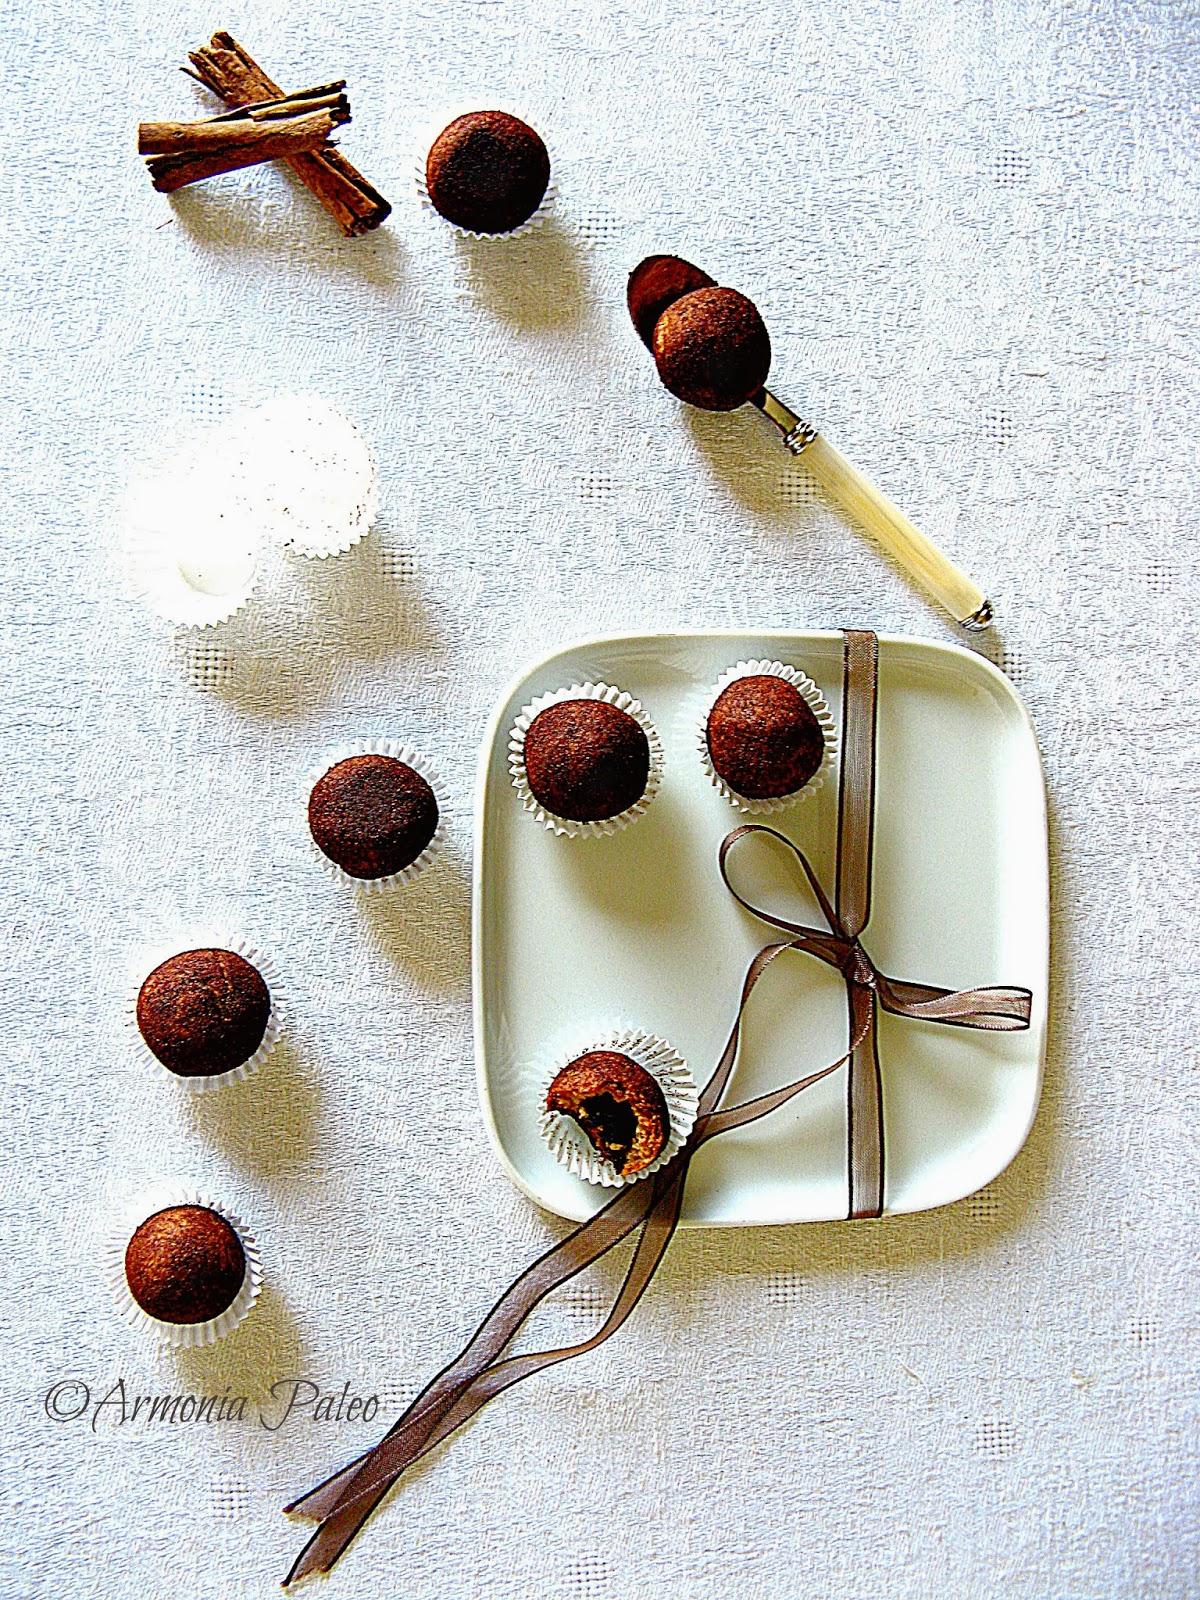 Gnocchi di Prugne - Biscotti all'Ungherese di Armonia Paleo